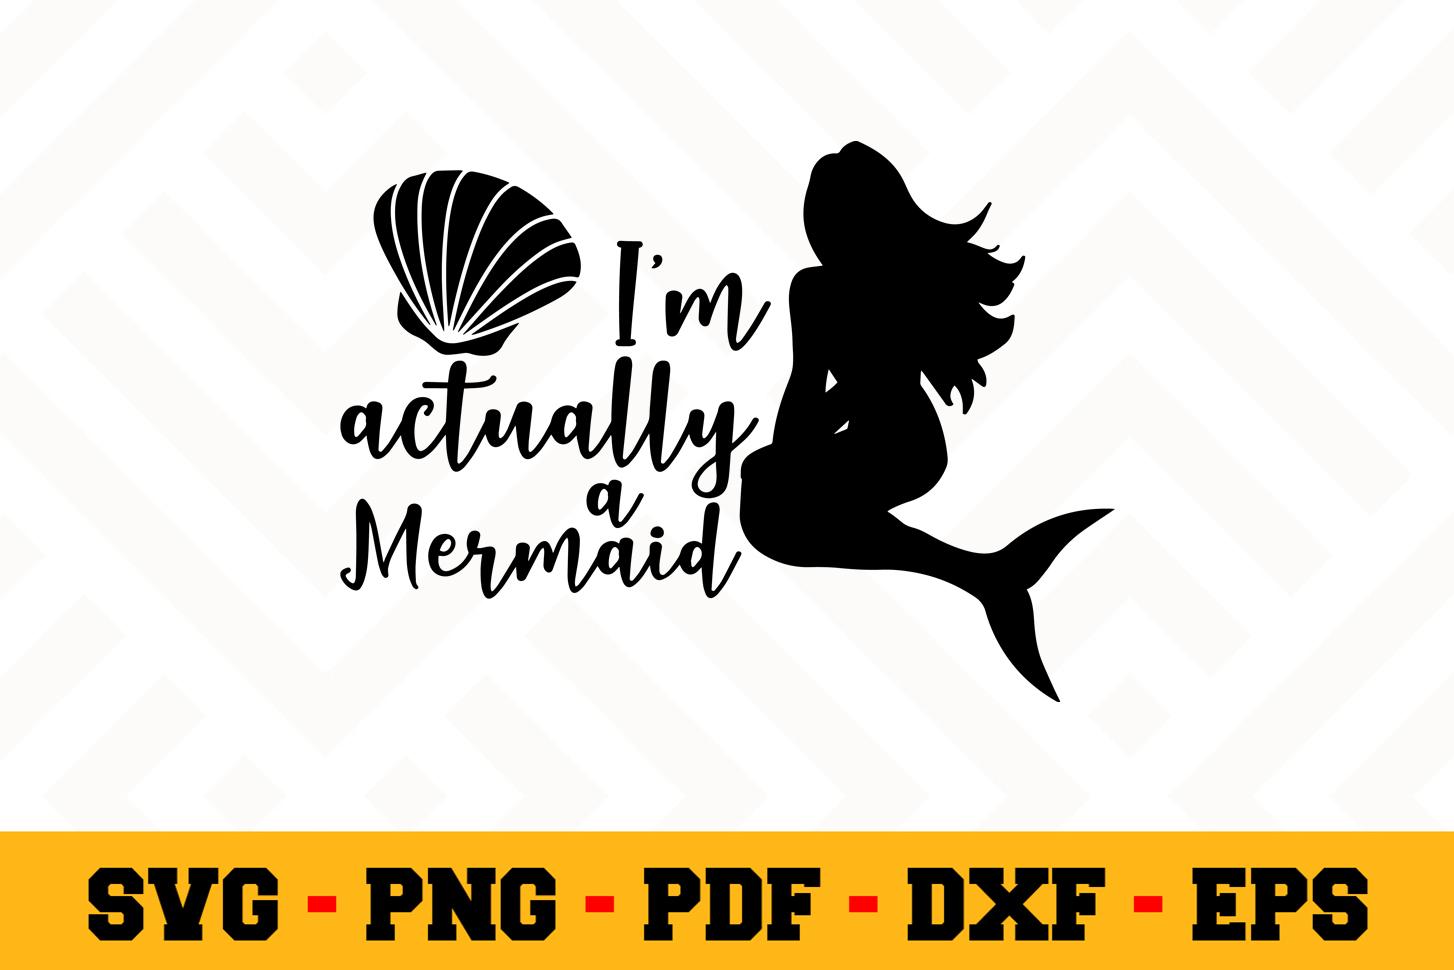 Mermaid SVG Design n532 | Mermaid SVG Cut File example image 1